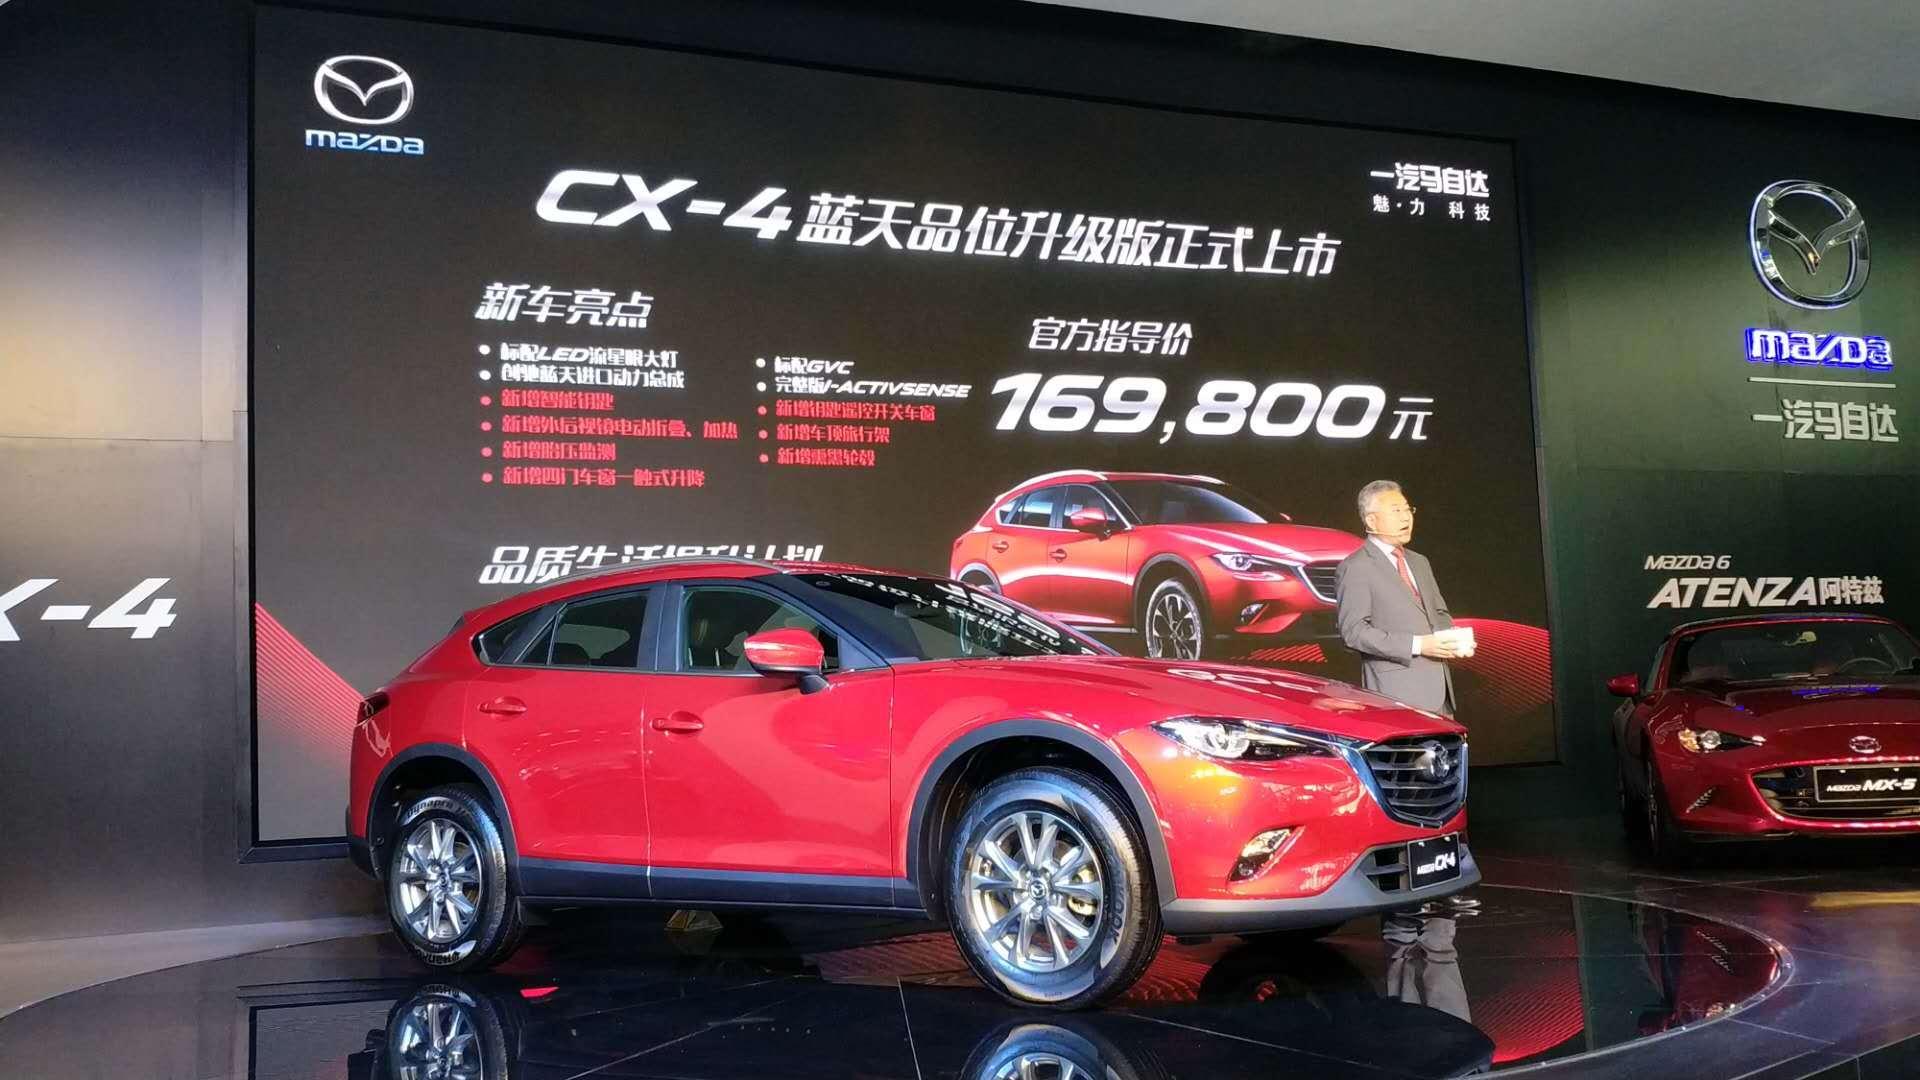 2018成都车展:新款马自达CX-4售16.98万元